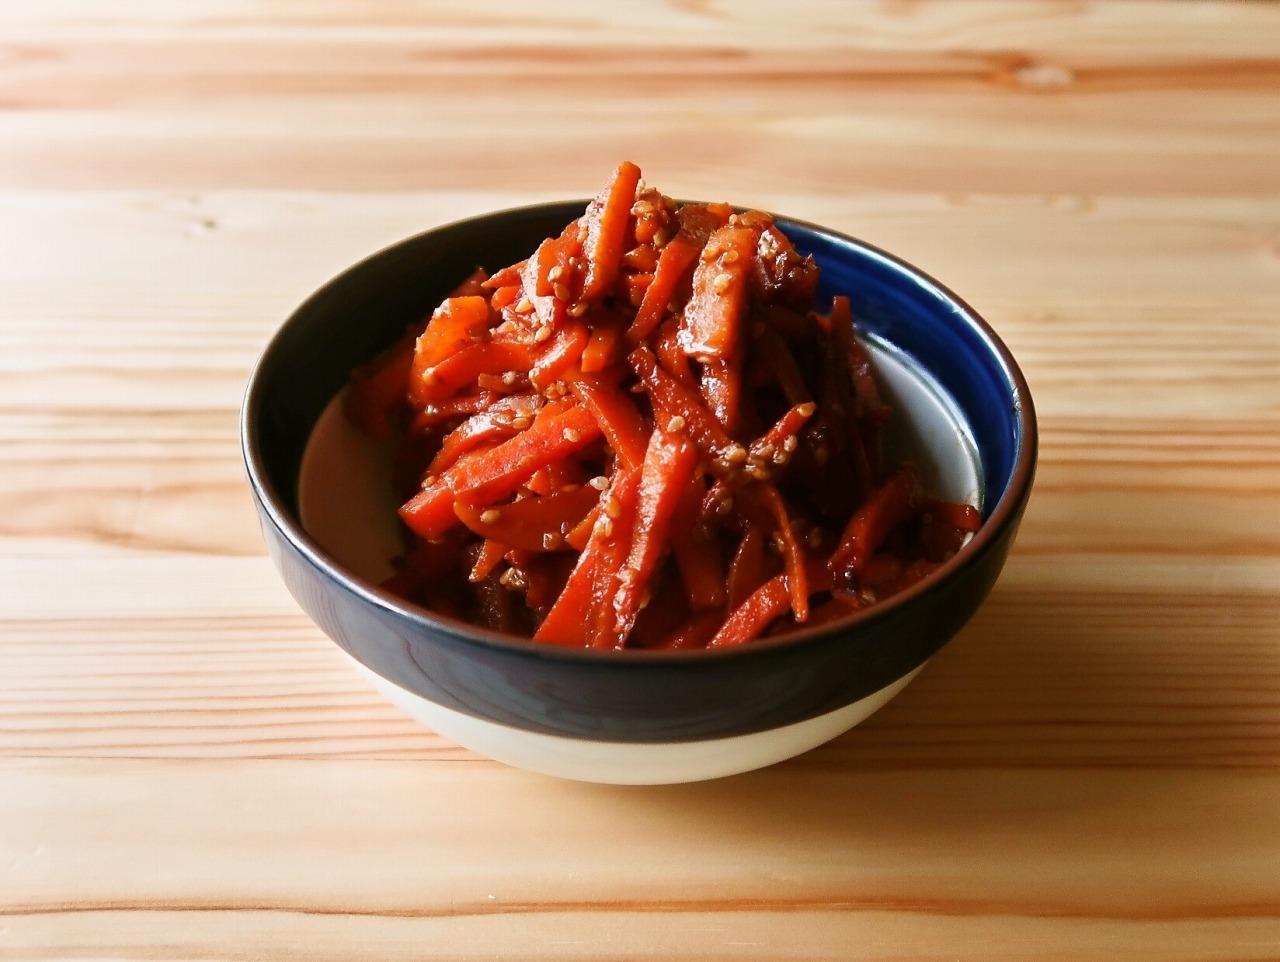 【野菜ひとつ】にんじんのコチュマヨ炒め